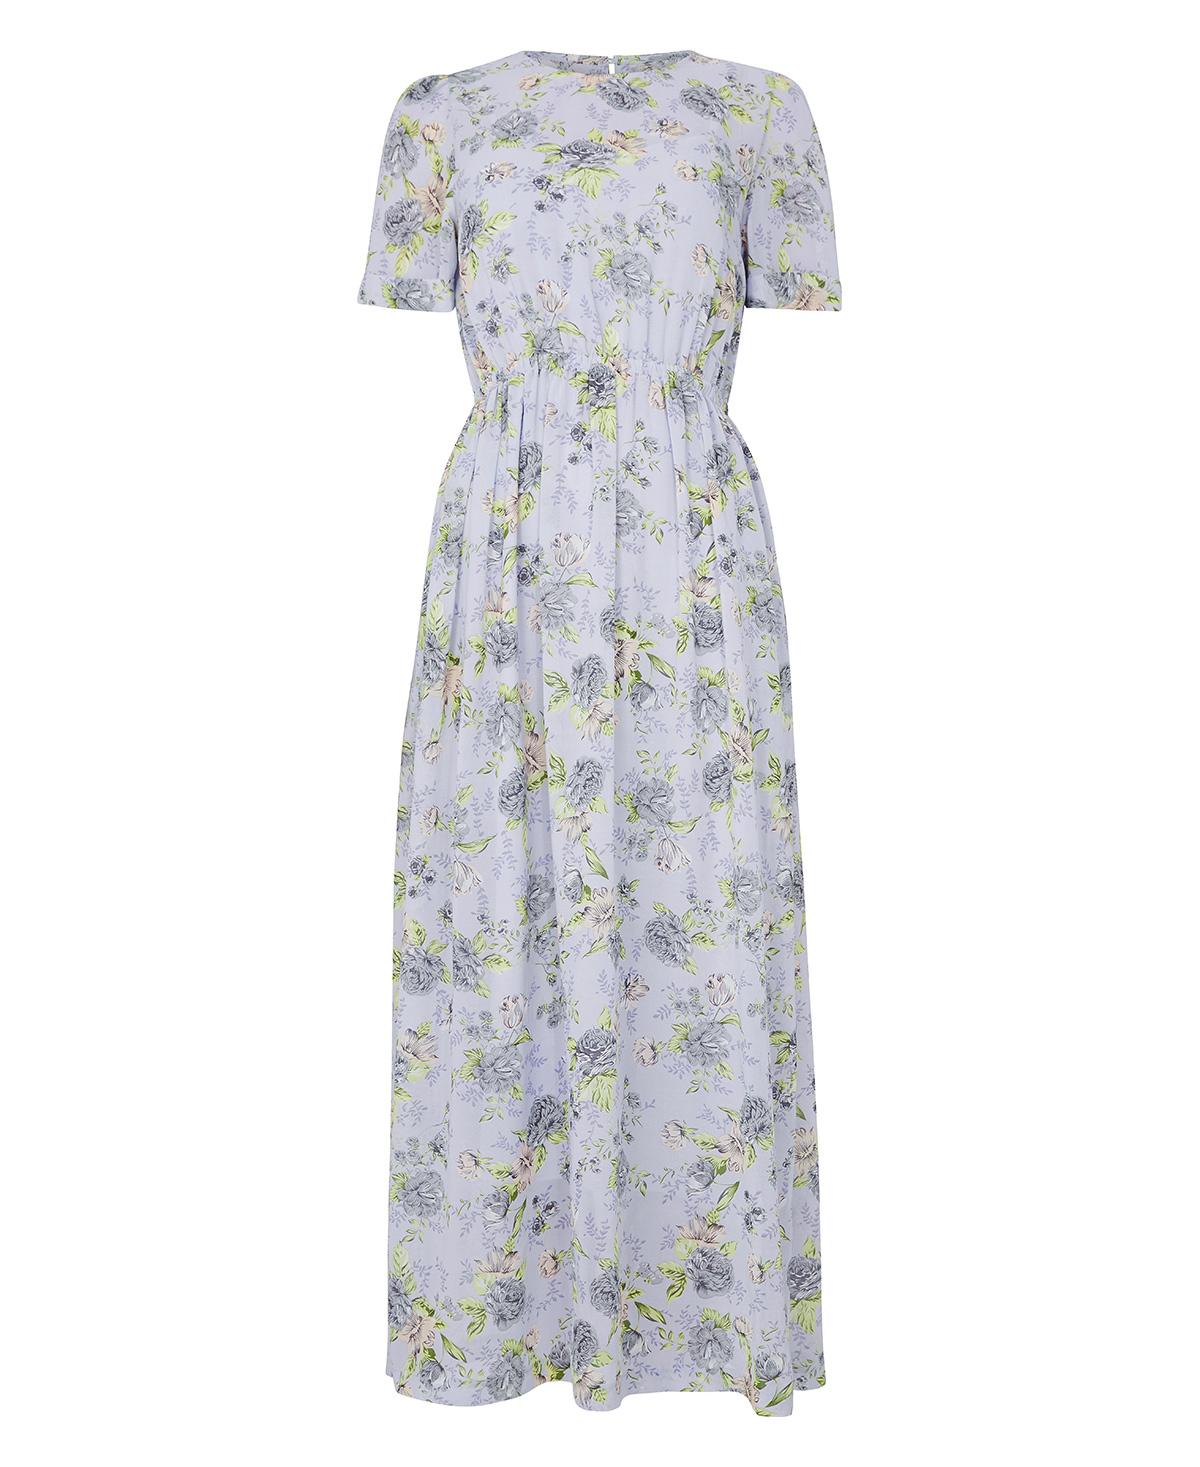 38440013 Line of Oslo lilla kjole – Line of Oslo lilla kjole med blomster Alice – Mio